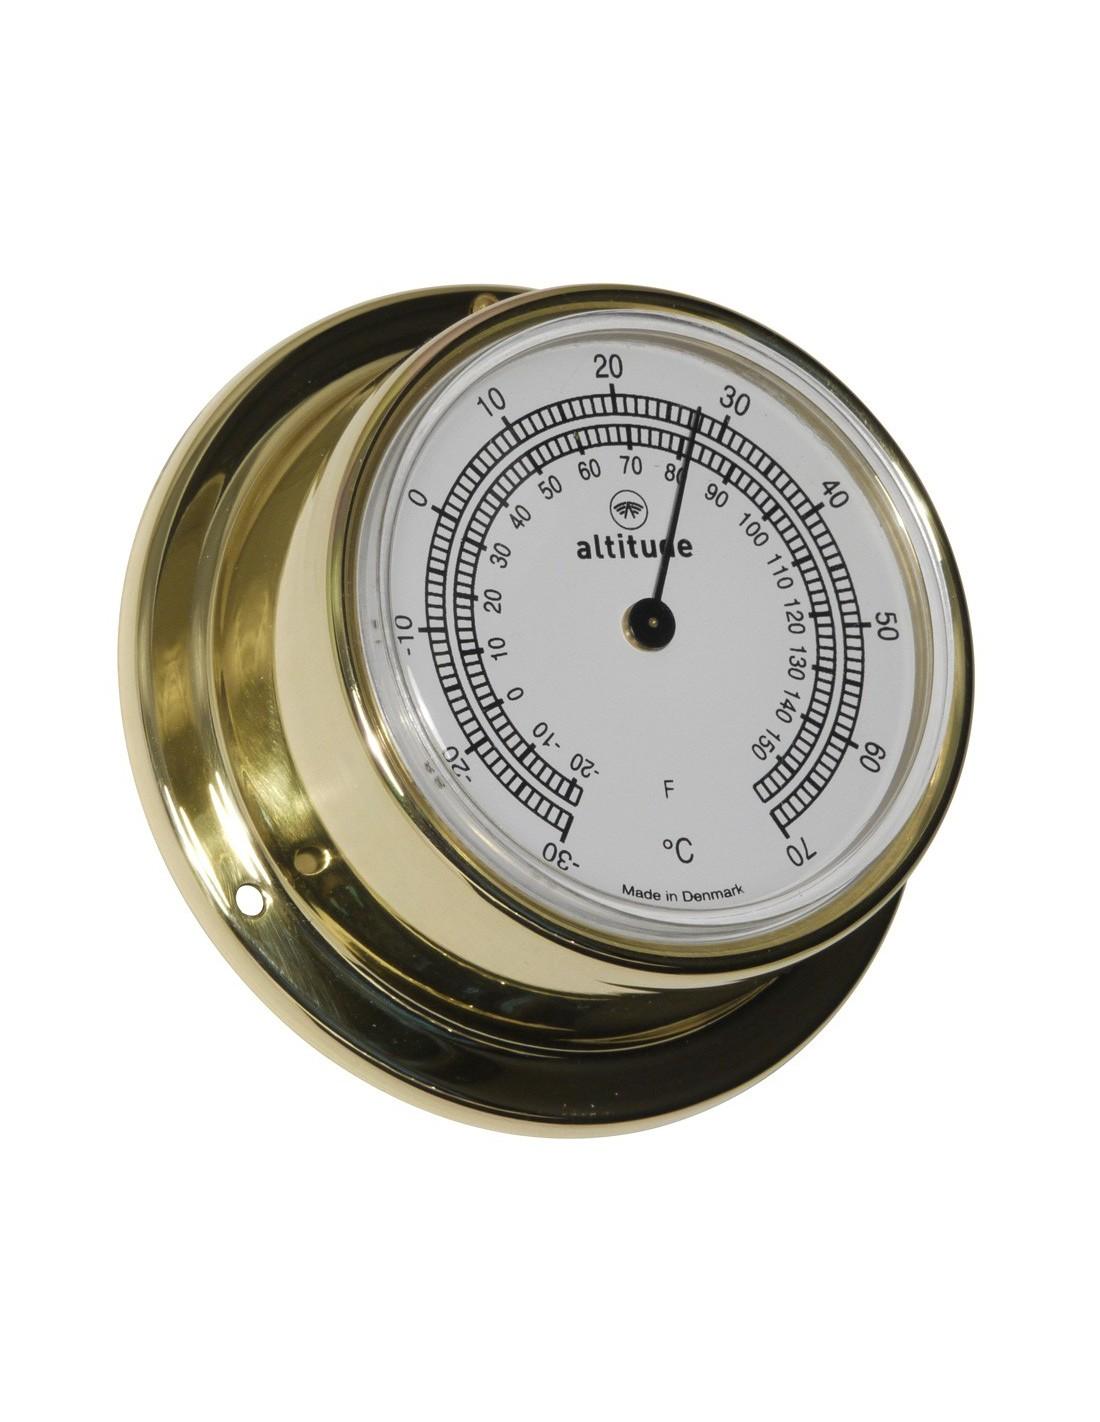 Thermometer - 71 mm - Altitude - Scheepsinstrumenten - 838 T